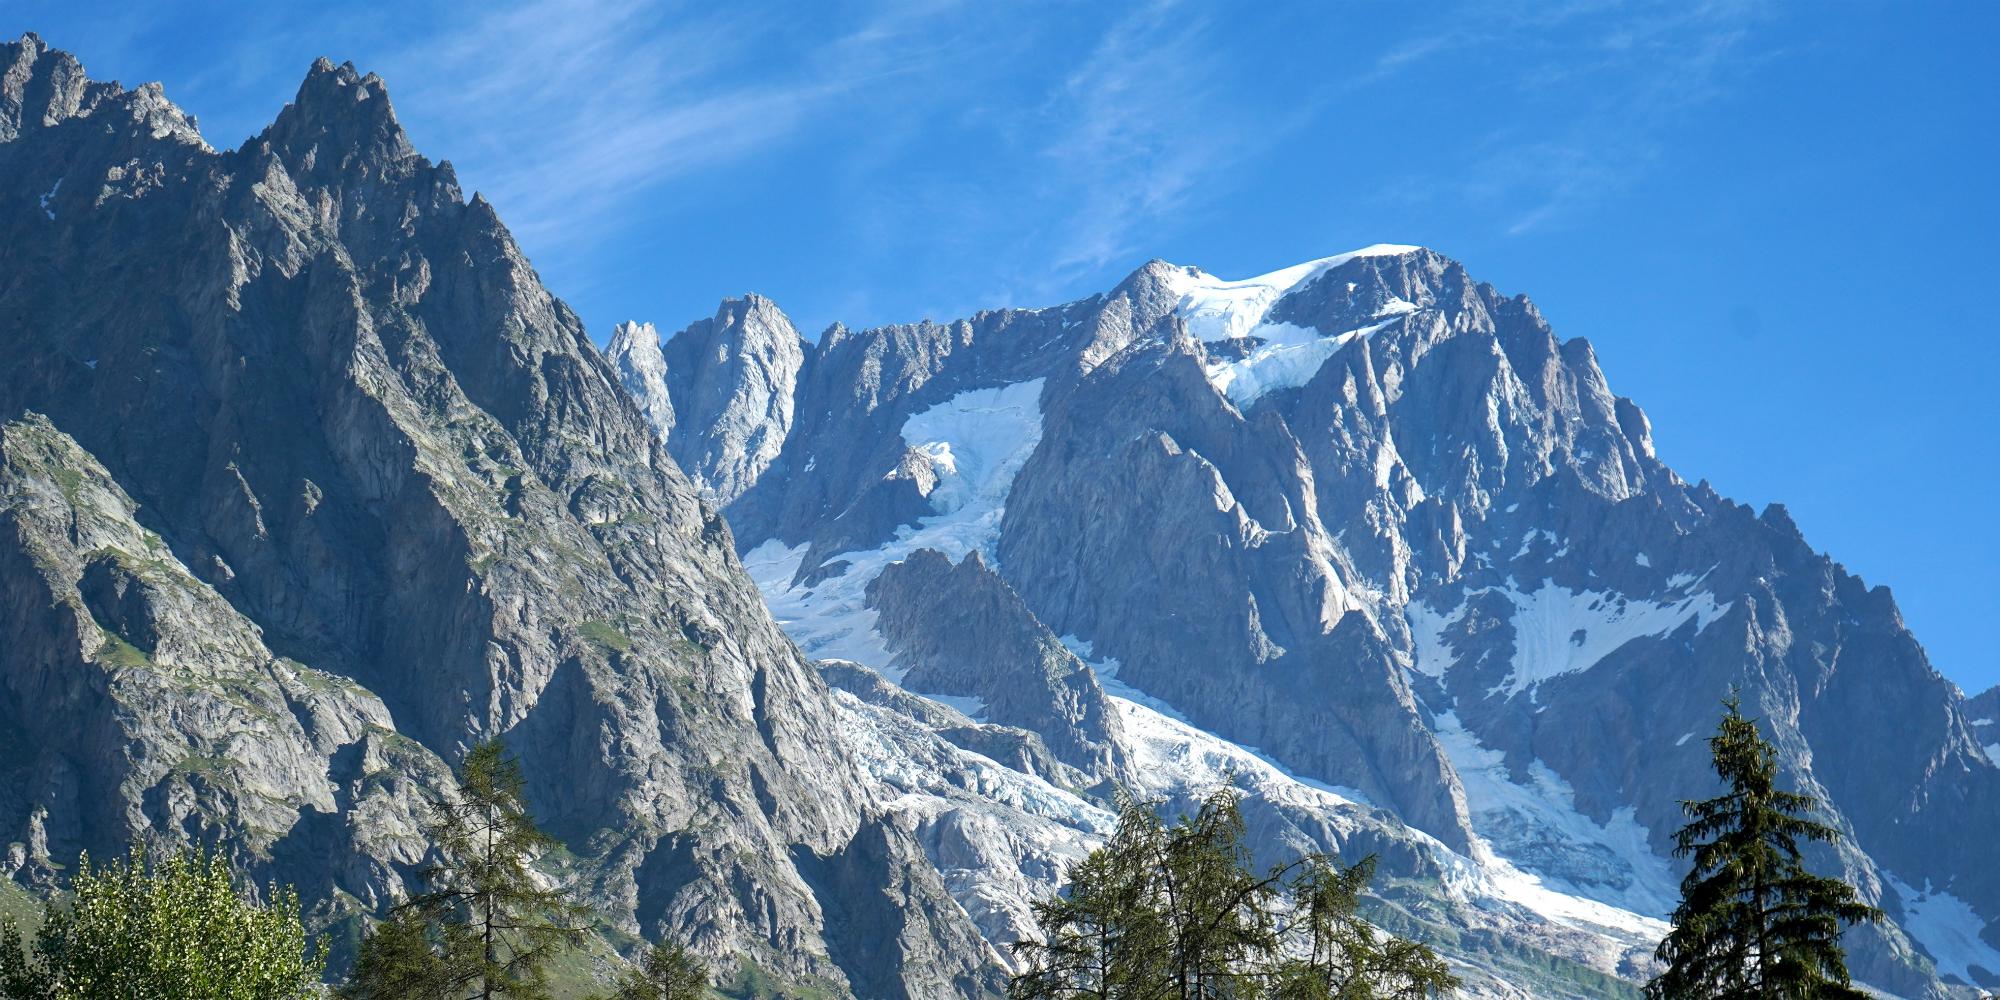 Dans les Alpes, des traces de pollution atmosphérique remontent... à l'Empire romain